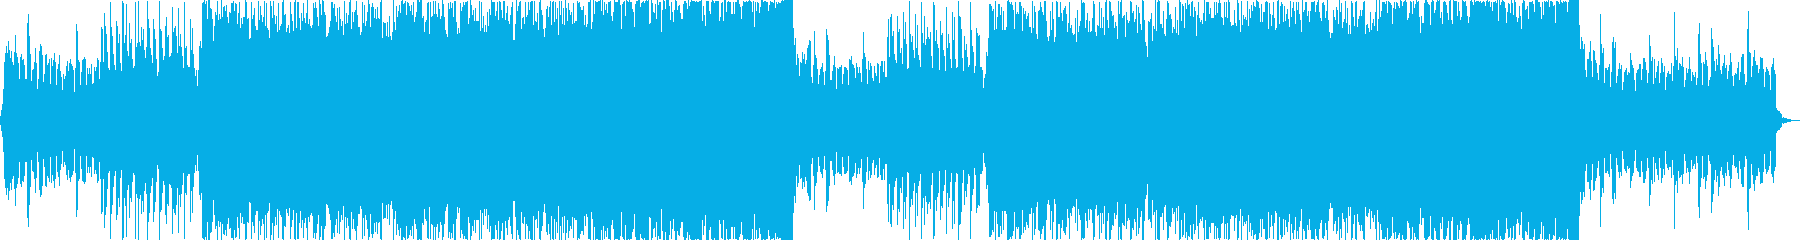 雄大壮大自然海夏EDMトロピカルハウスaの再生済みの波形